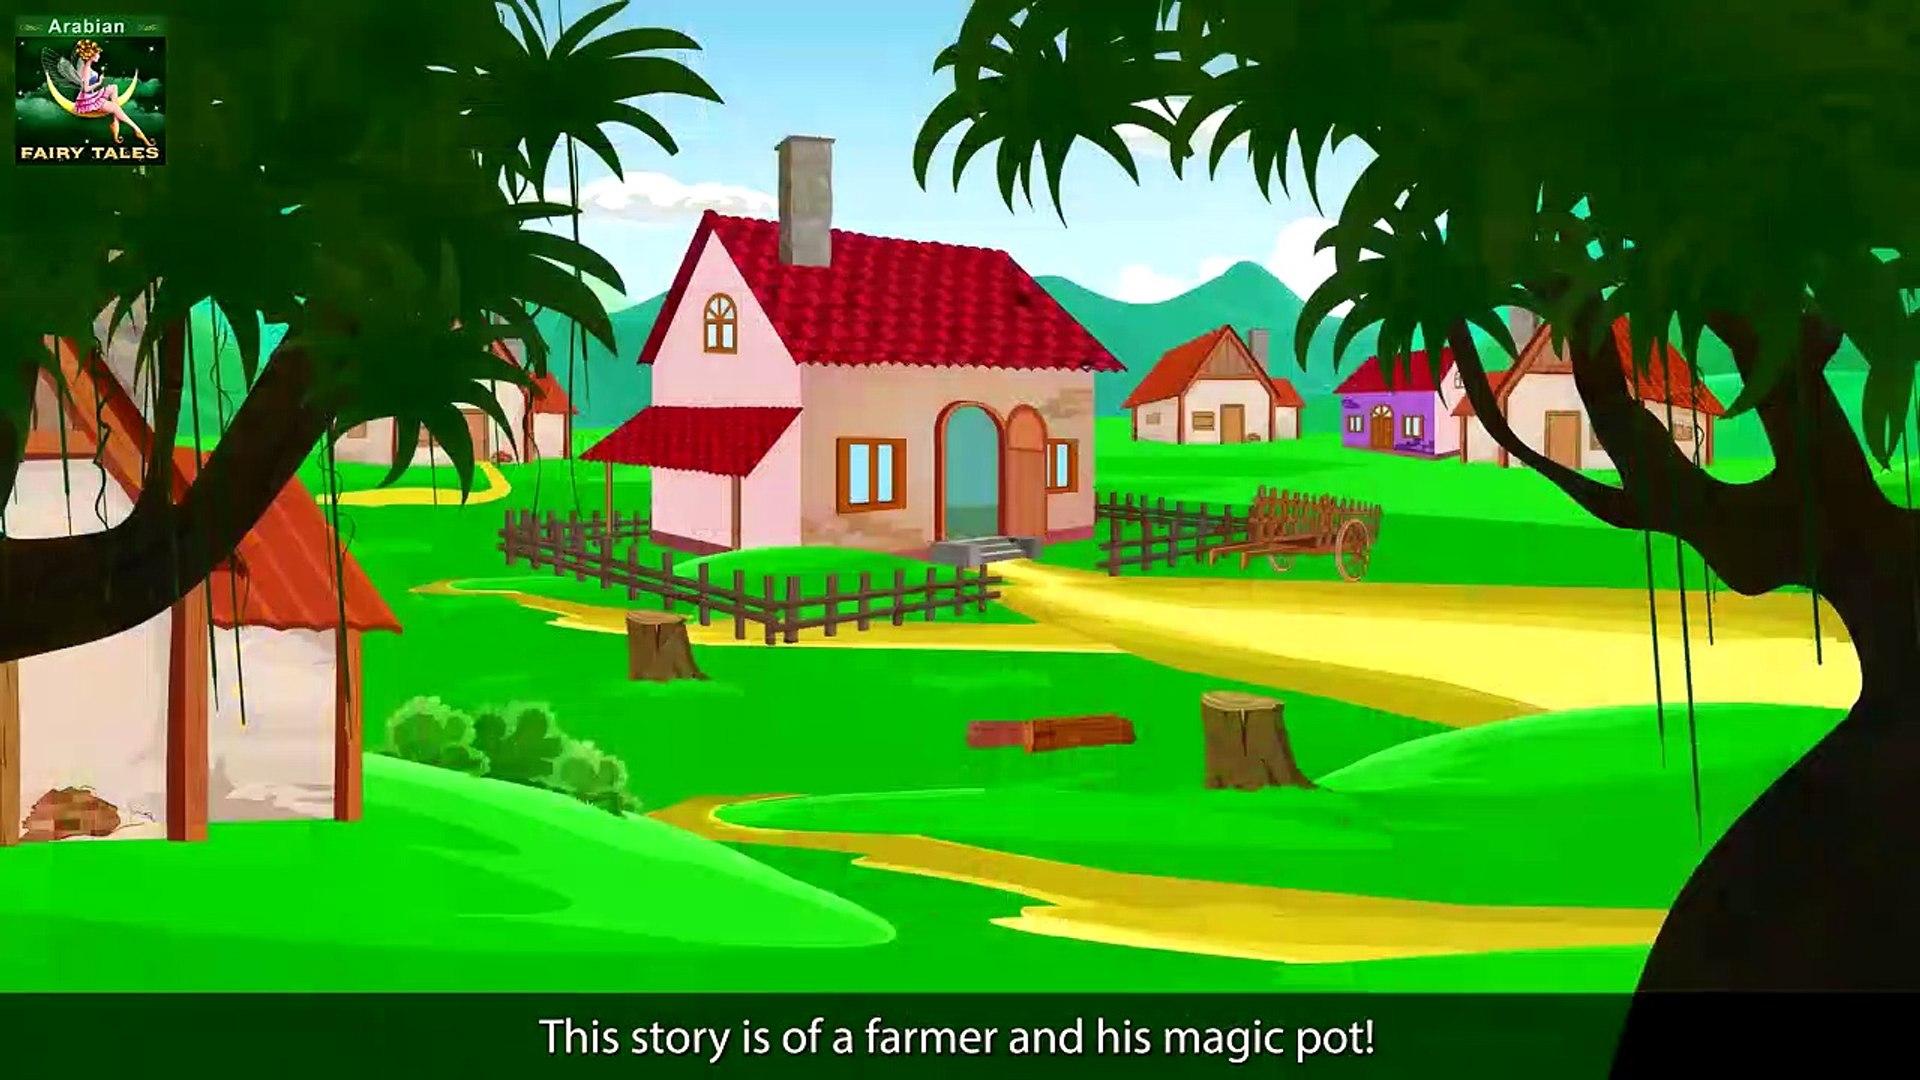 الاناء السحرى   قصص اطفال   حكايات عربية